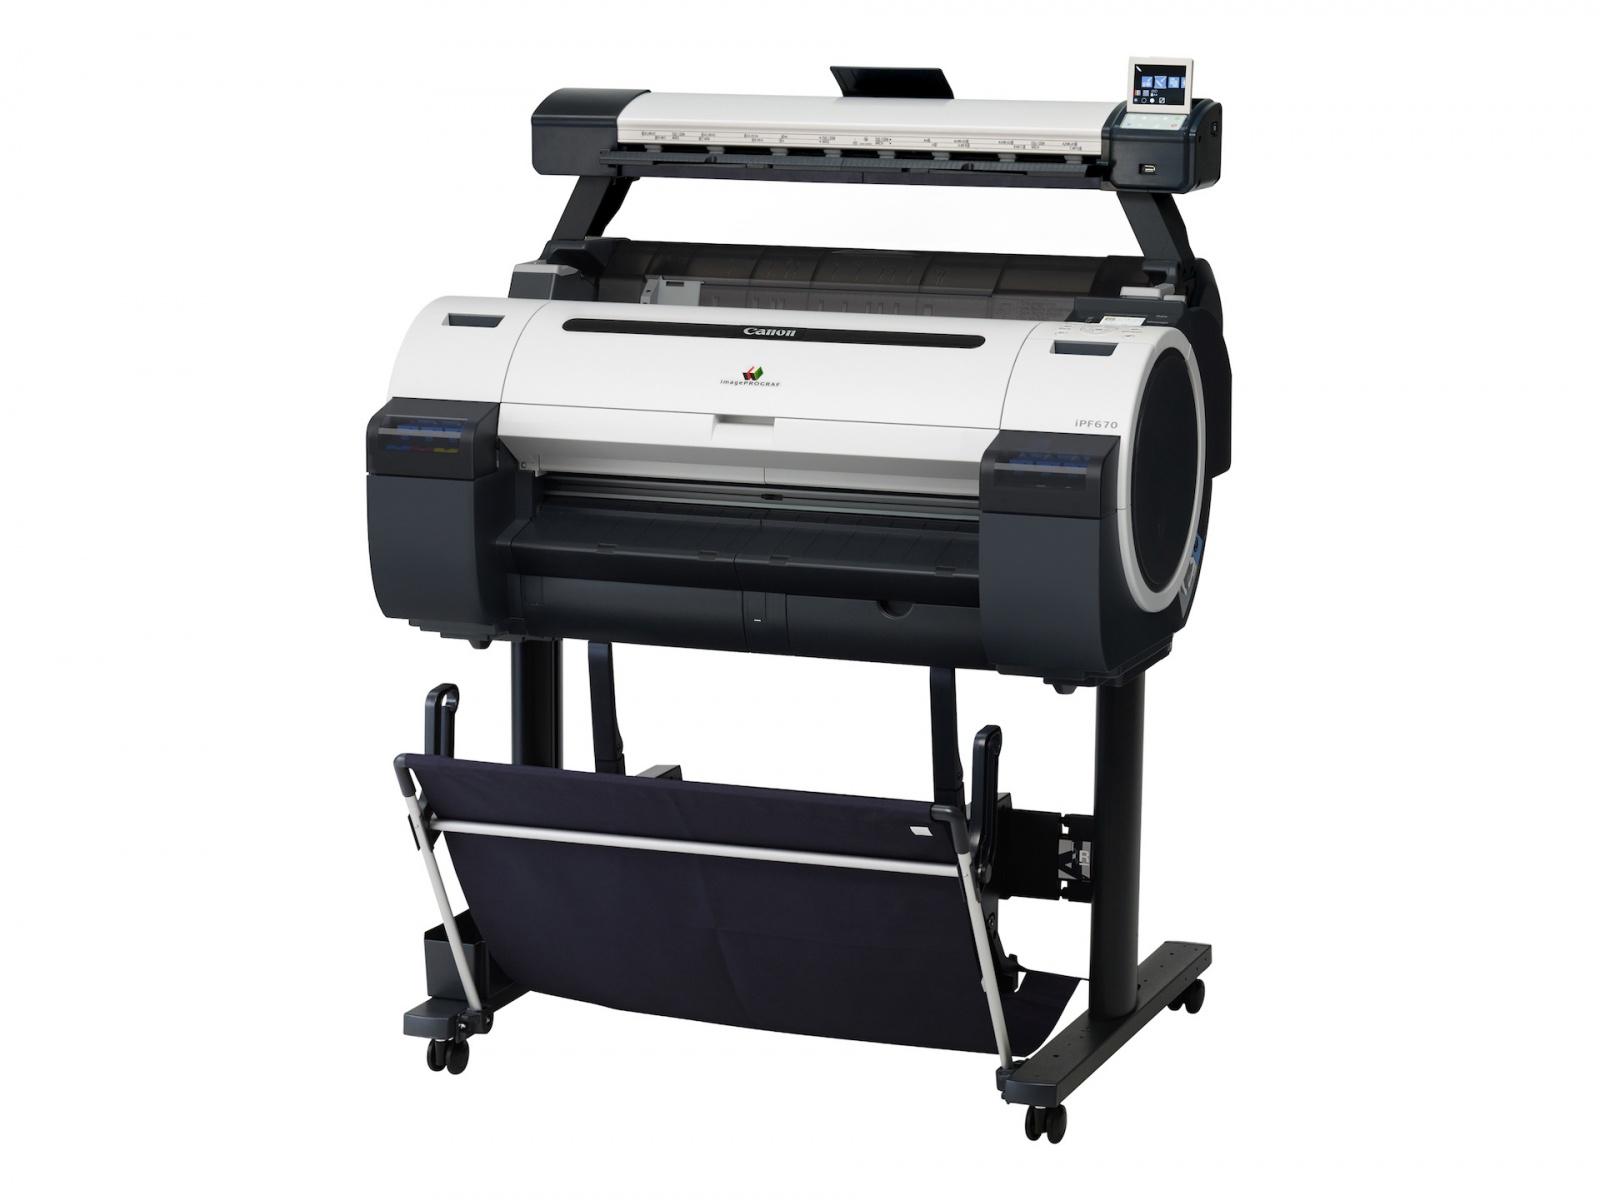 Принтеры с широкой душой. Краткий гид по устройствам для широкоформатной печати Canon - 8